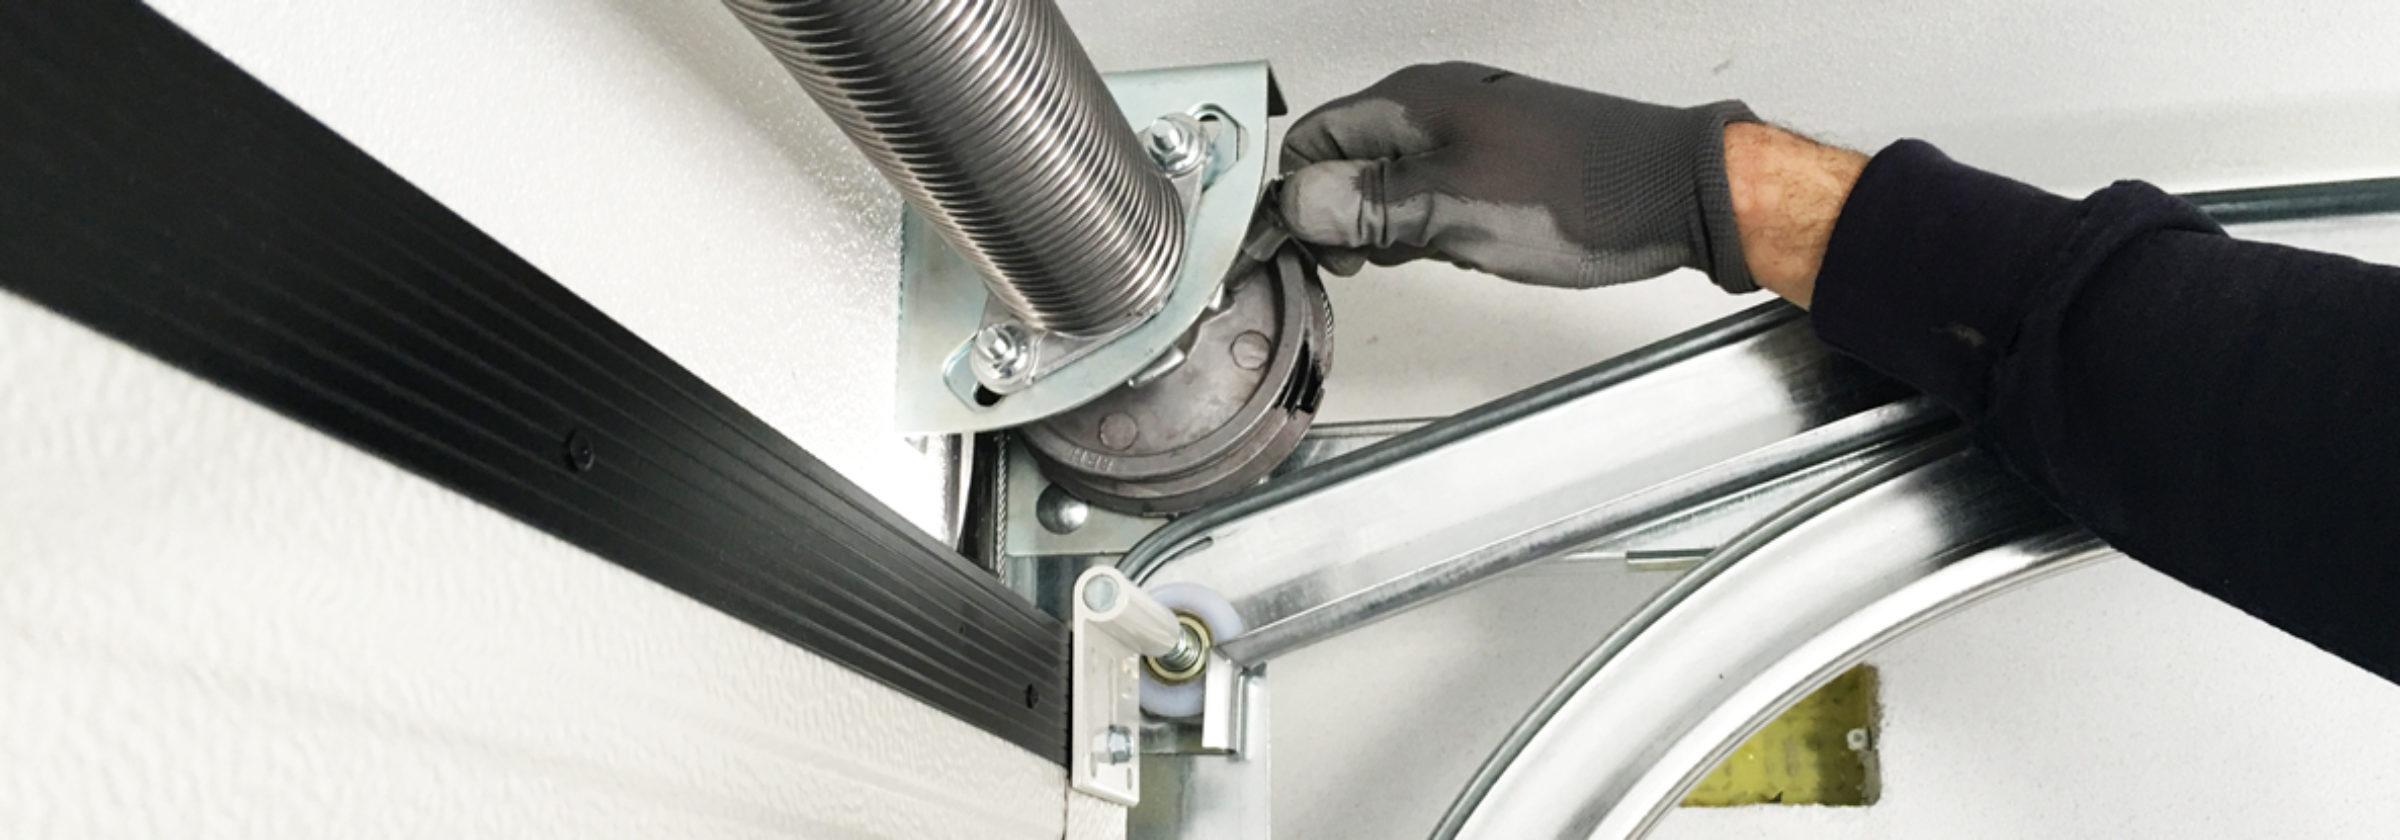 02 2400x840 Clast Srl   Your Next Door | Clast srl: porte, portoni, sicurezza, cancelli, automazioni. Via Soncino 5, Trescore Cremasco